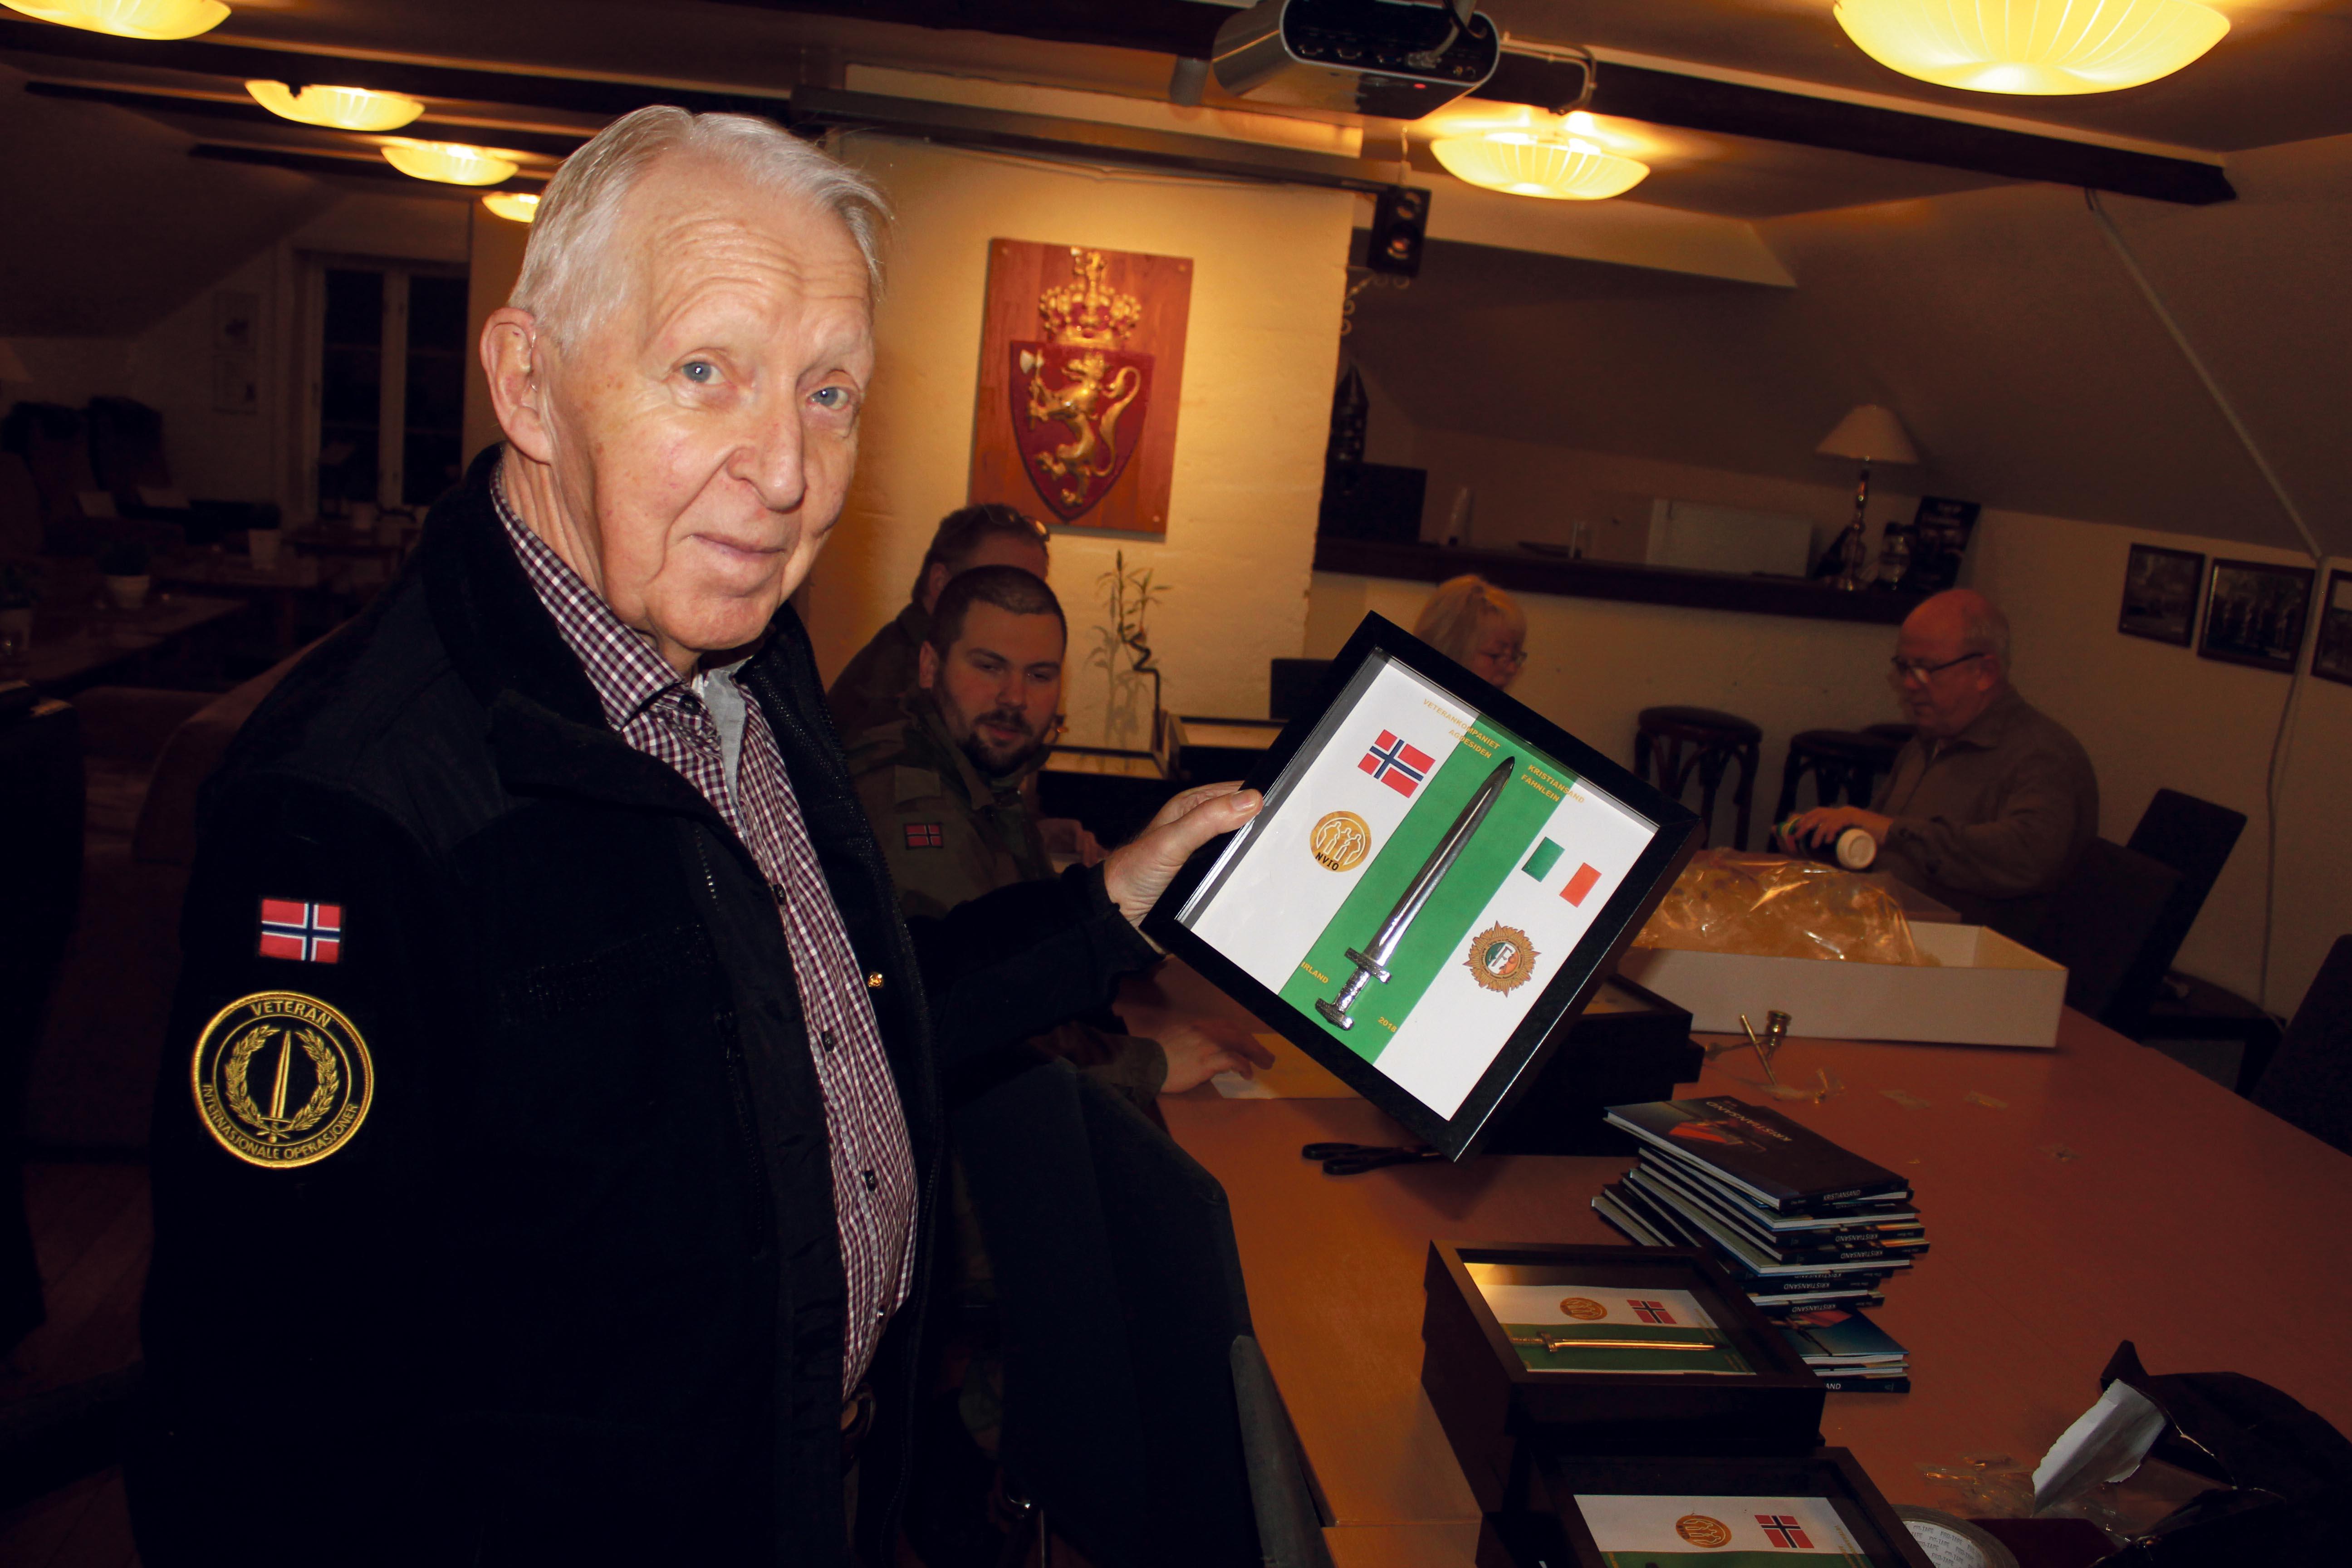 Mye Arbeid Ligger Bak De Fine Bildene De Har Med Seg Fra Odderøya Til Irland, Konstaterer Kompanisjef Jan Larsen.